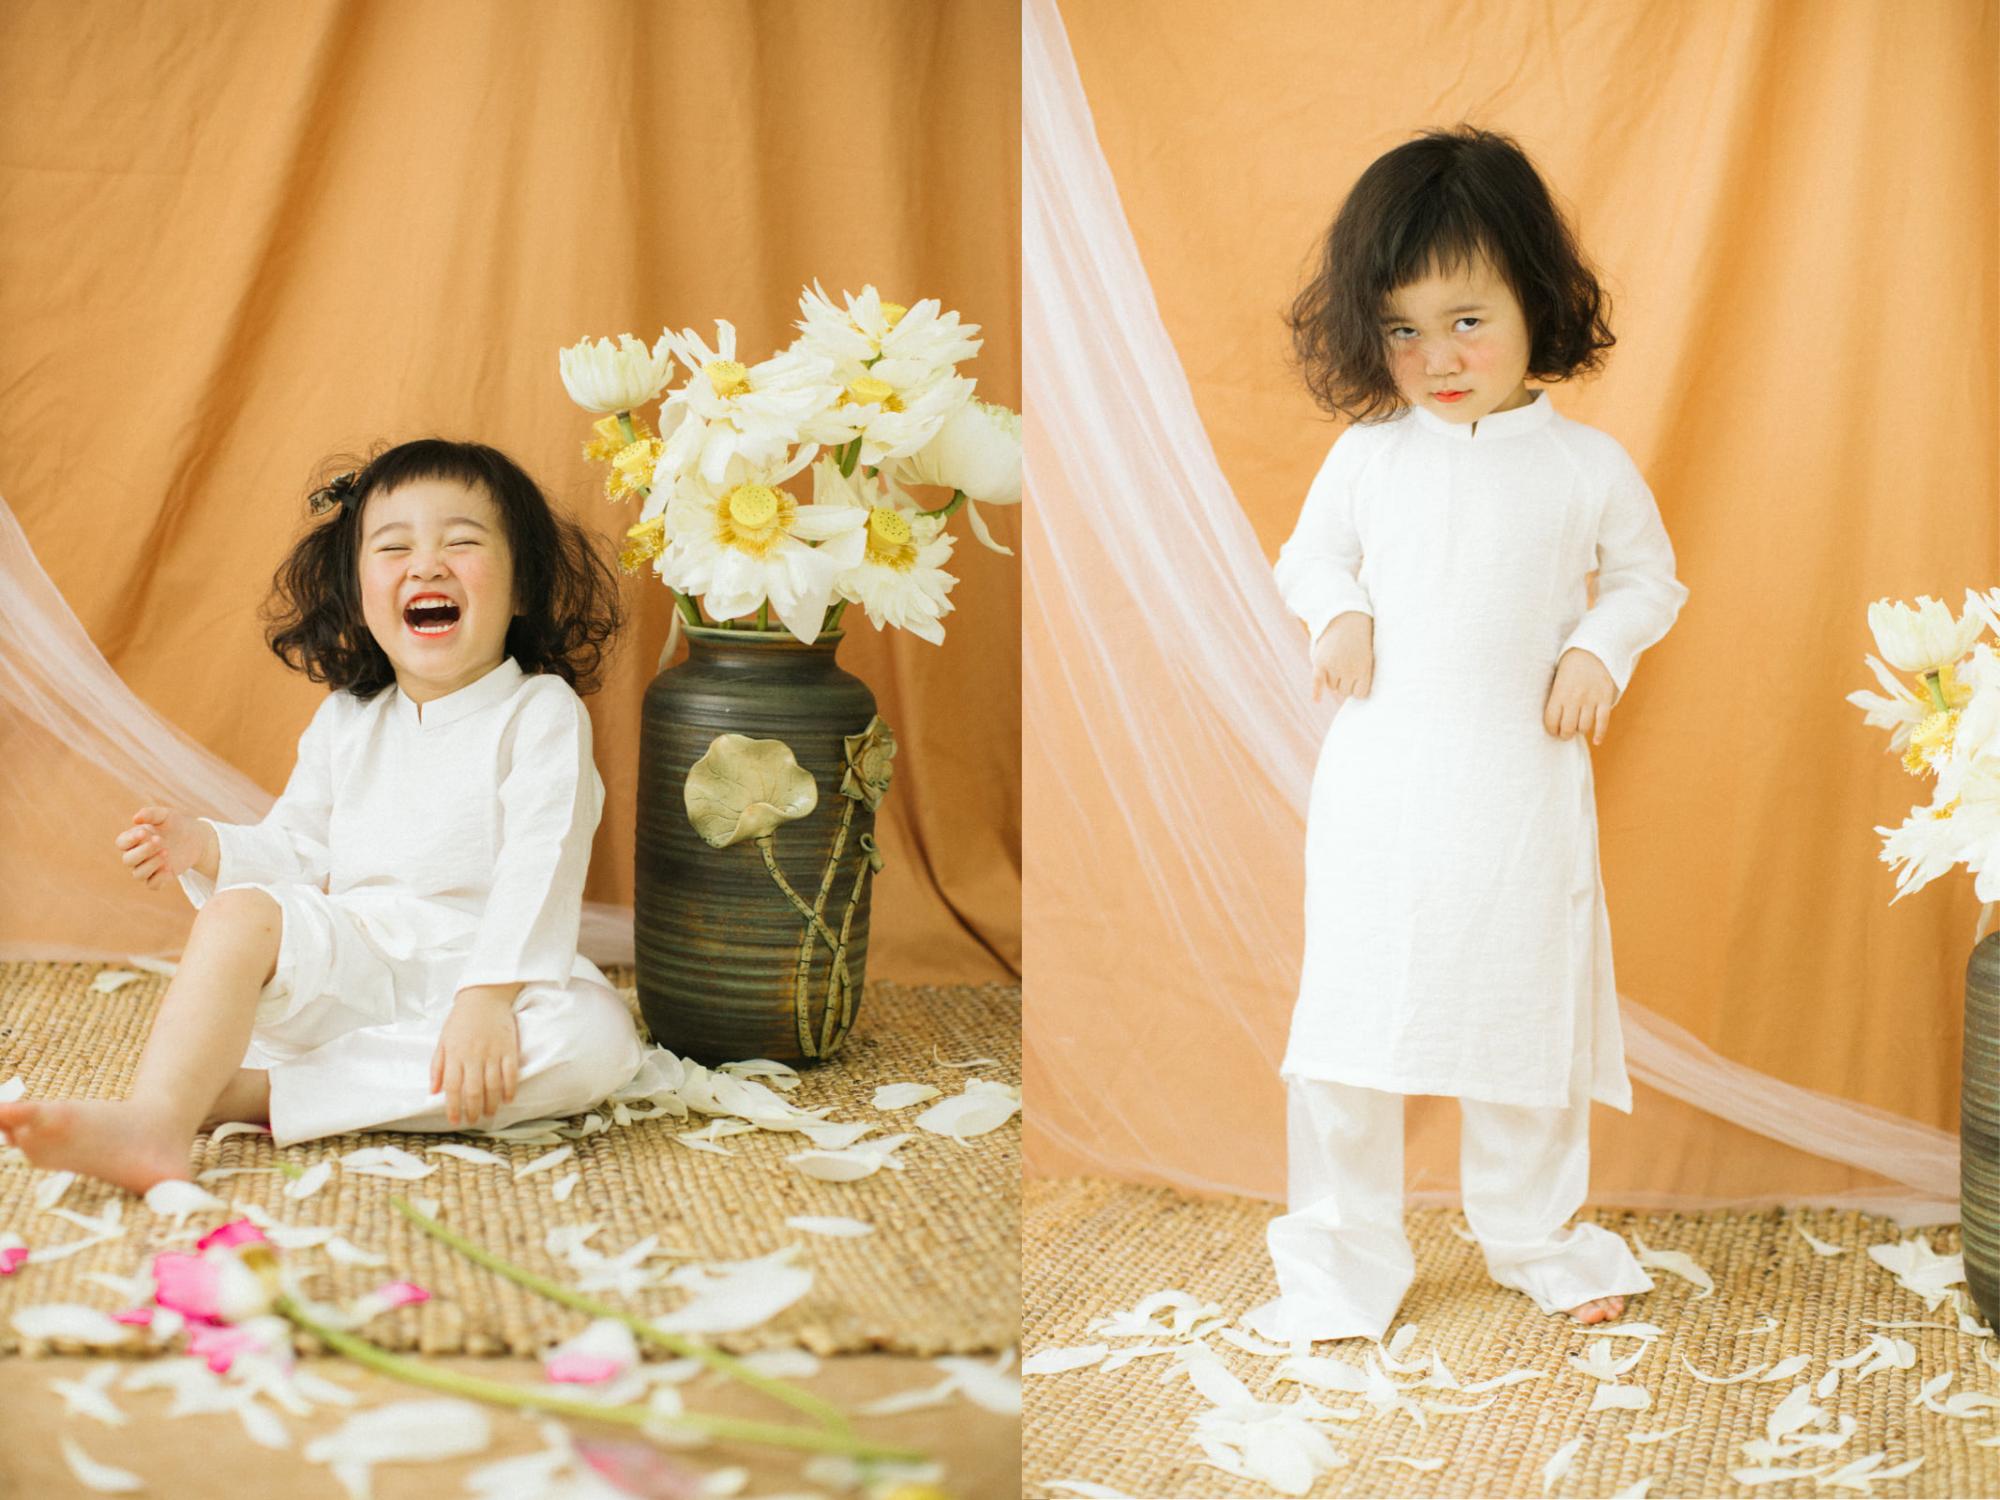 Bộ ảnh 'thiếu nhi bên hoa sen' với loạt biểu cảm 'nàng thơ bị lỗi' khiến dân mạng cười ngất